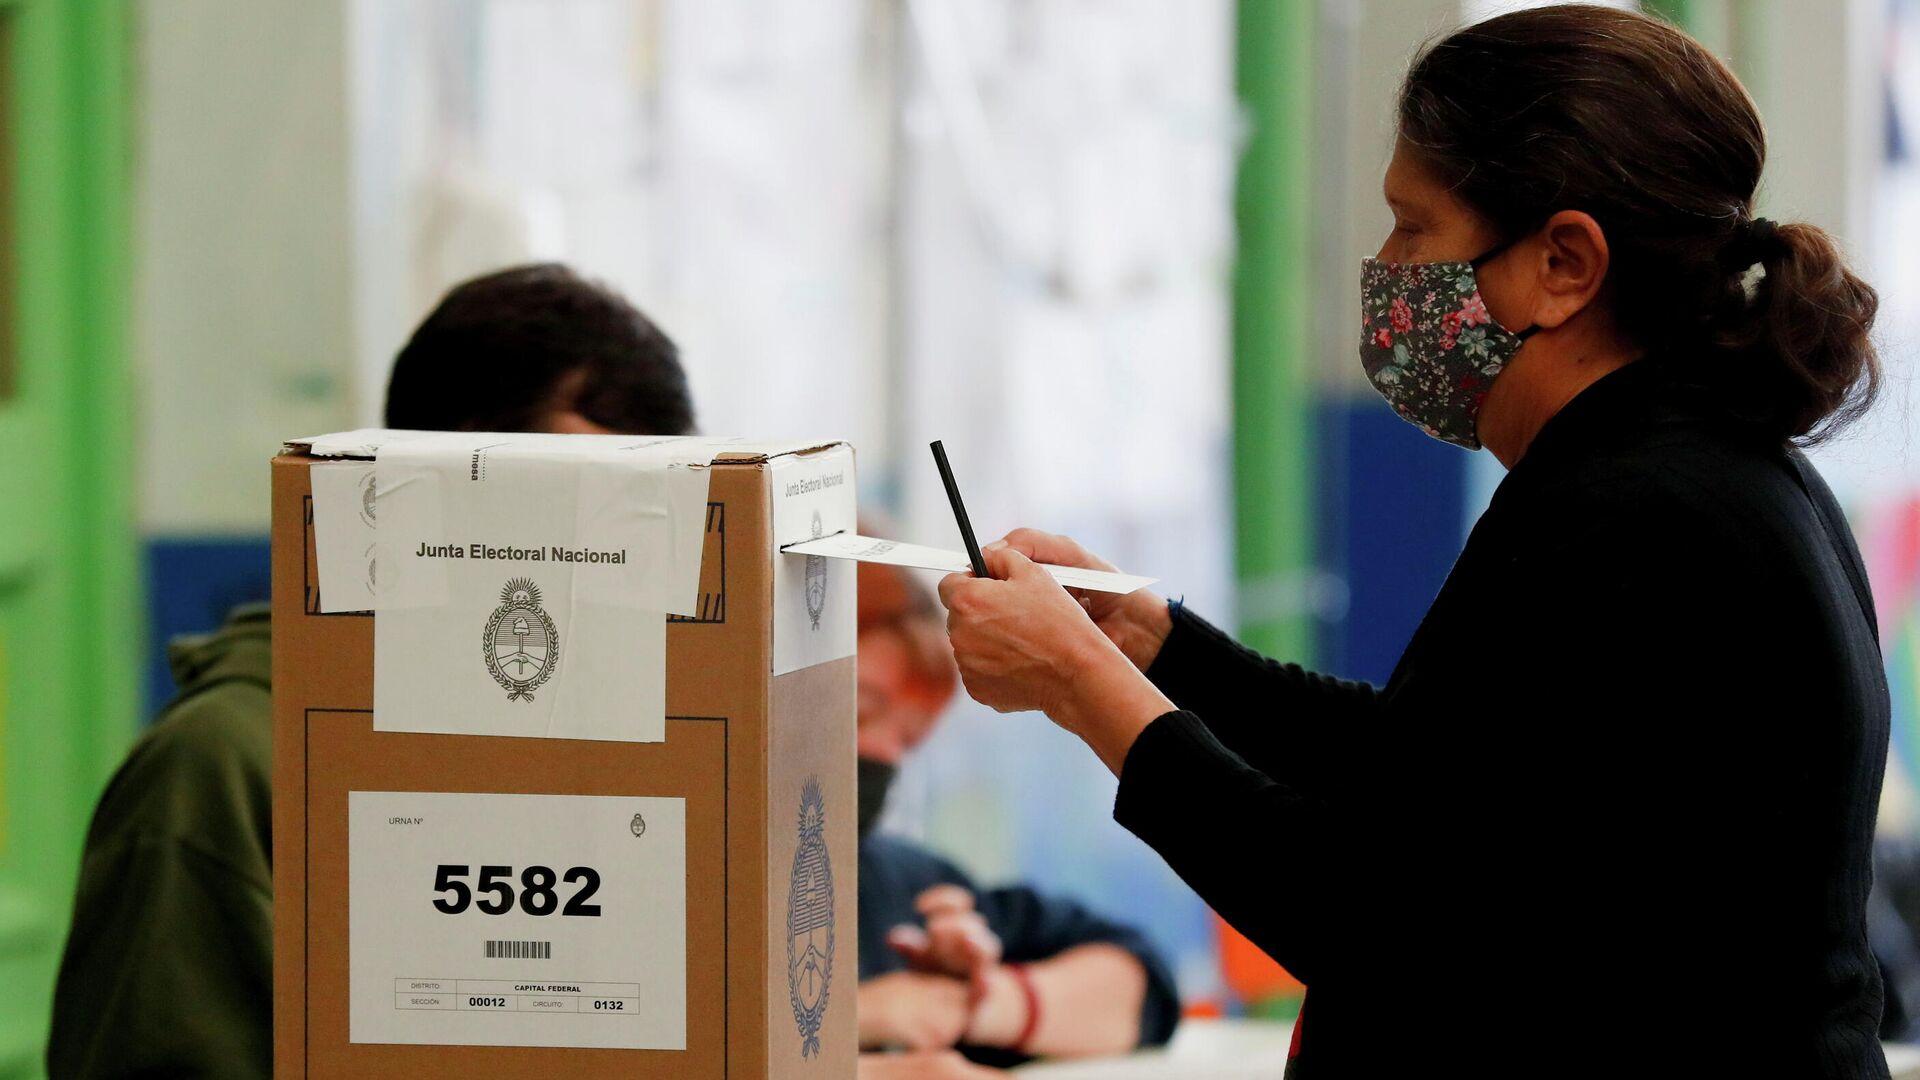 Las elecciones Primarias, Abiertas, Simultáneas y Obligatorias (PASO) en Argentina, el 12 de septiembre de 2021 - Sputnik Mundo, 1920, 13.09.2021